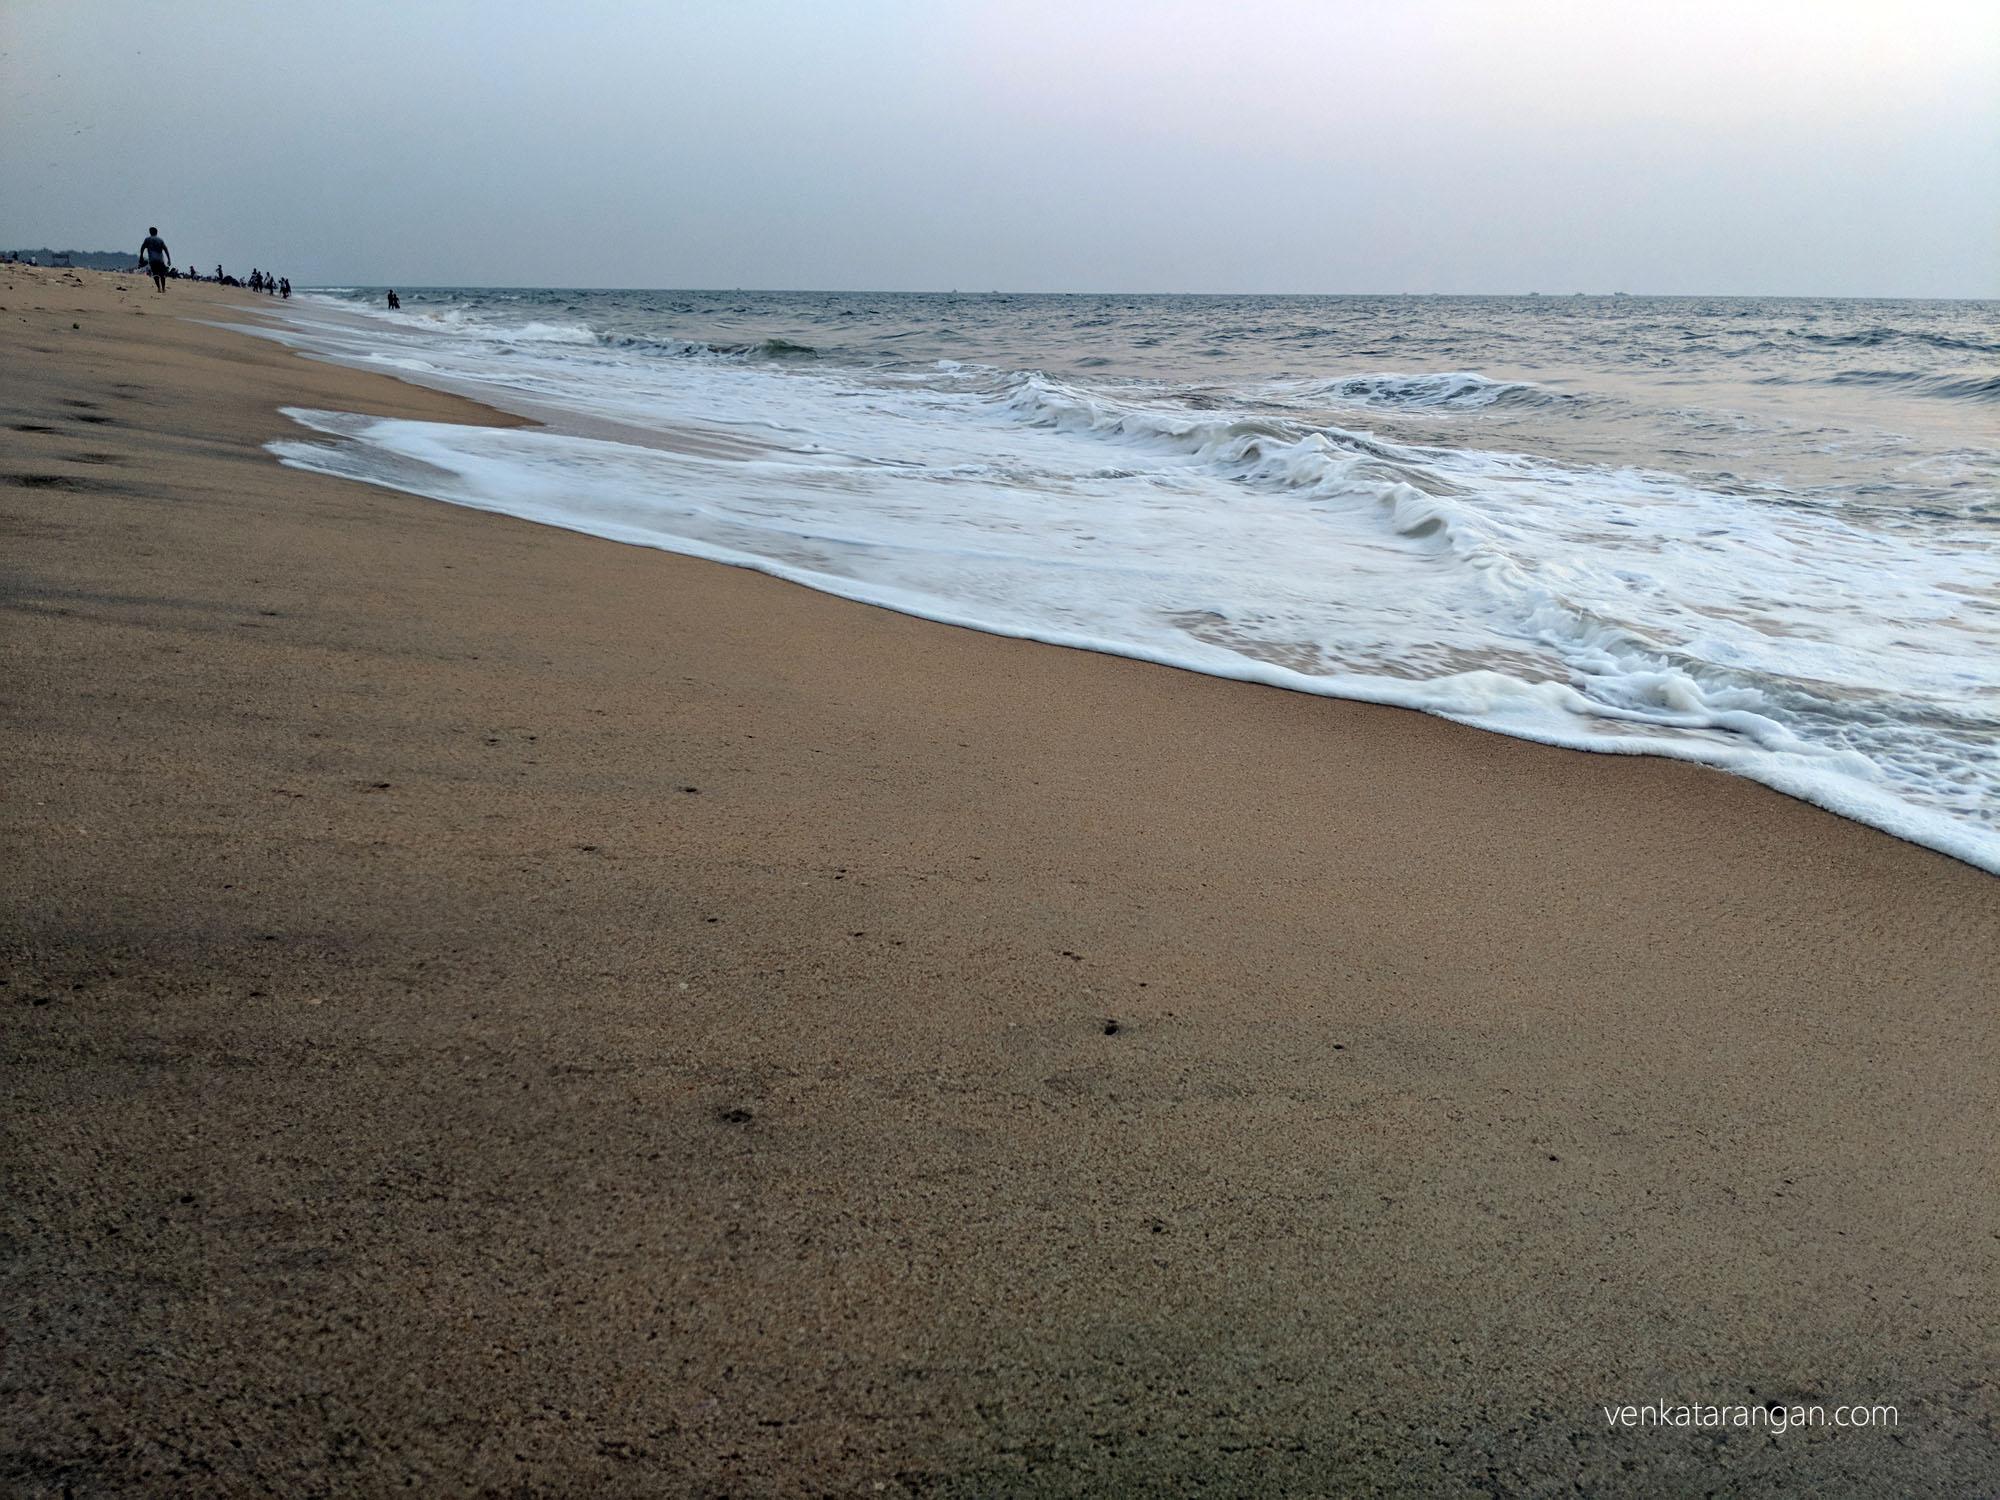 Tannirbhavi Beach, Mangaluru